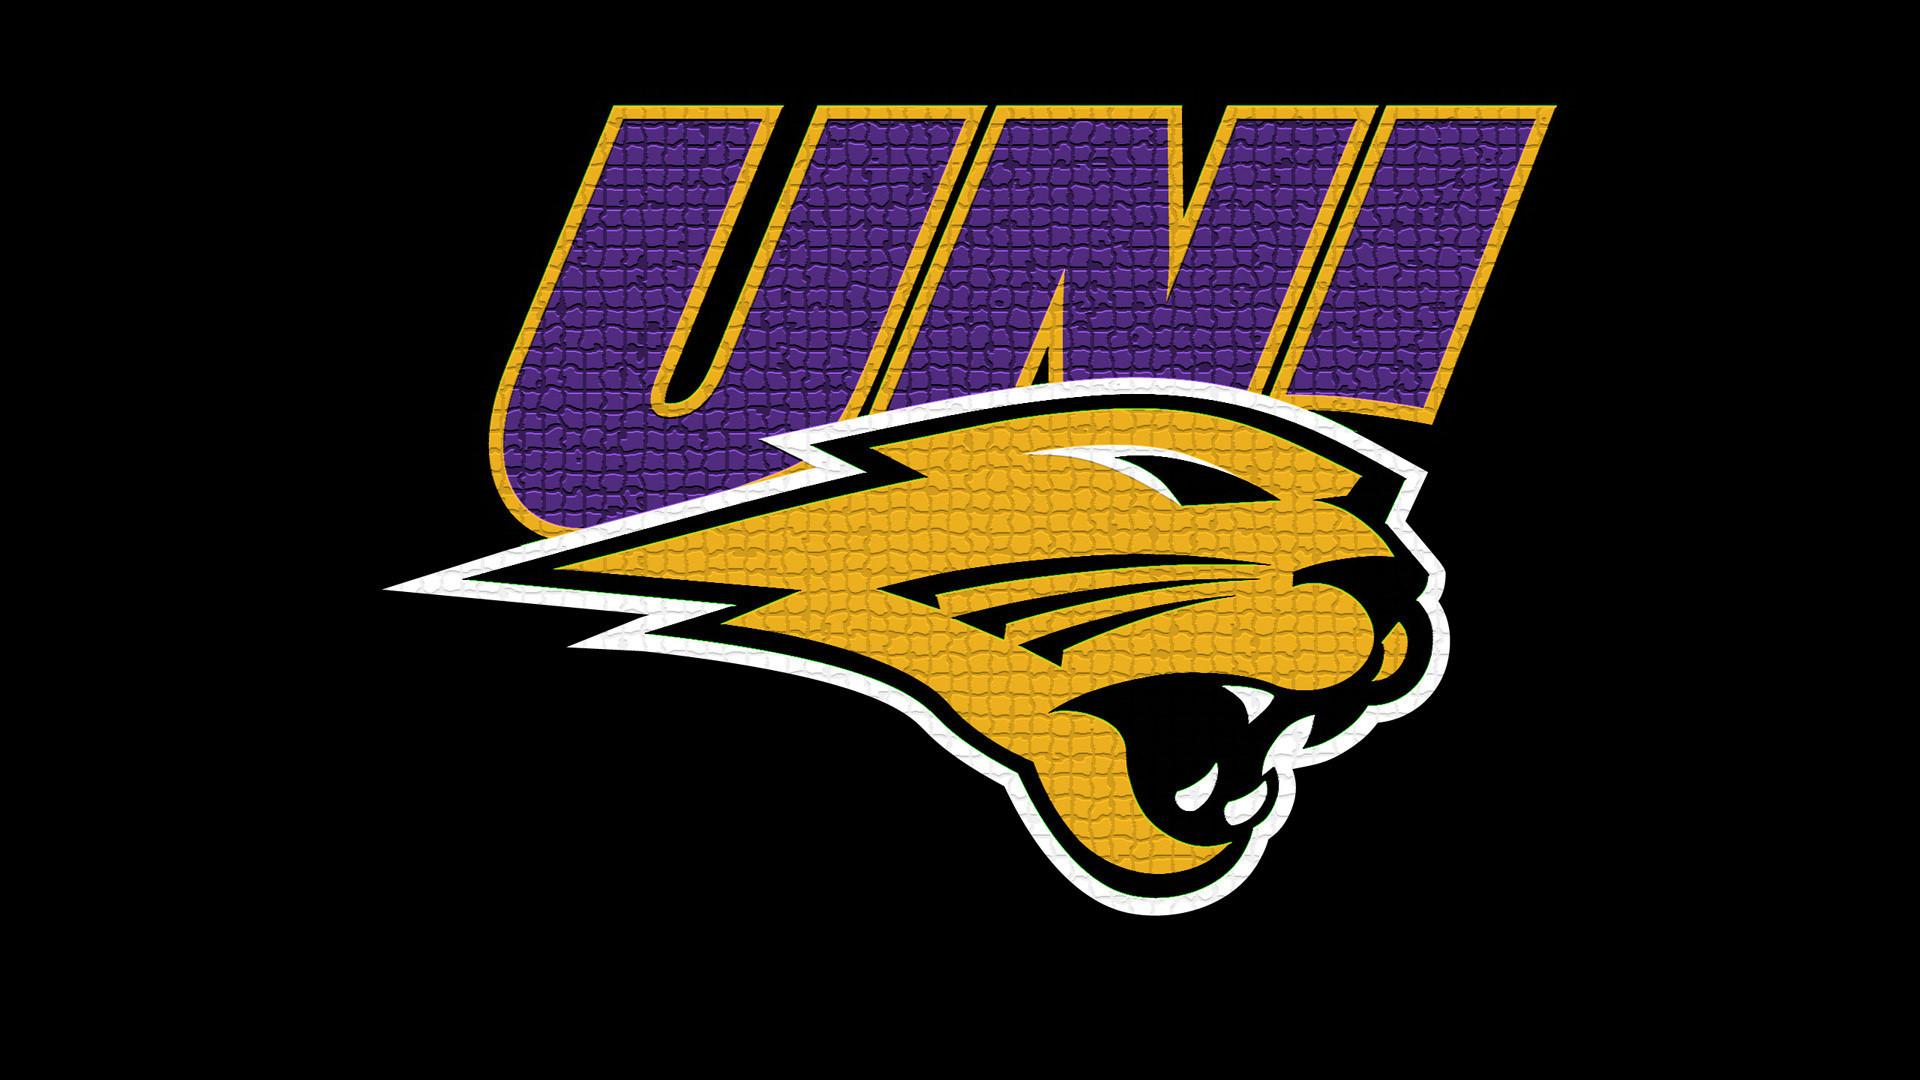 University Of Northern Iowa Panthers wallpaper – 417275